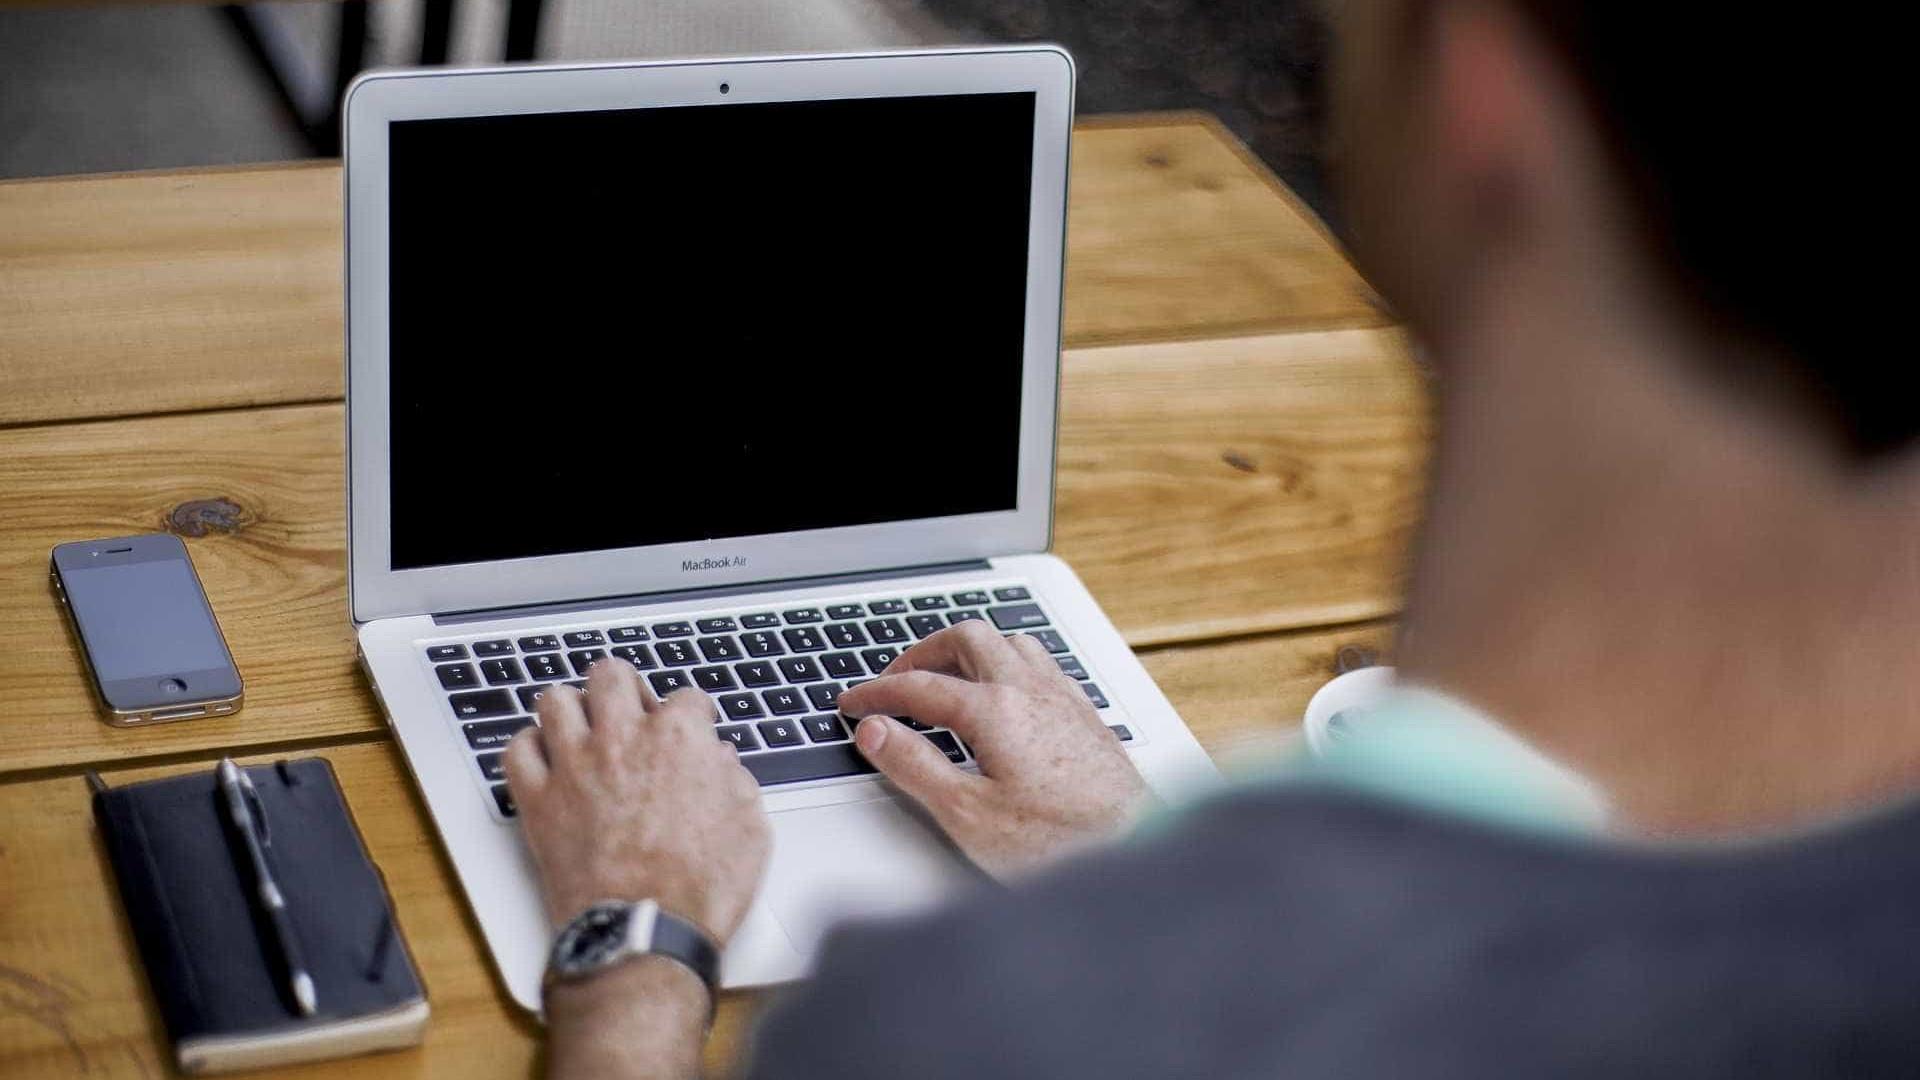 Seu PC pode estar enriquecendo sites sem sua permissão